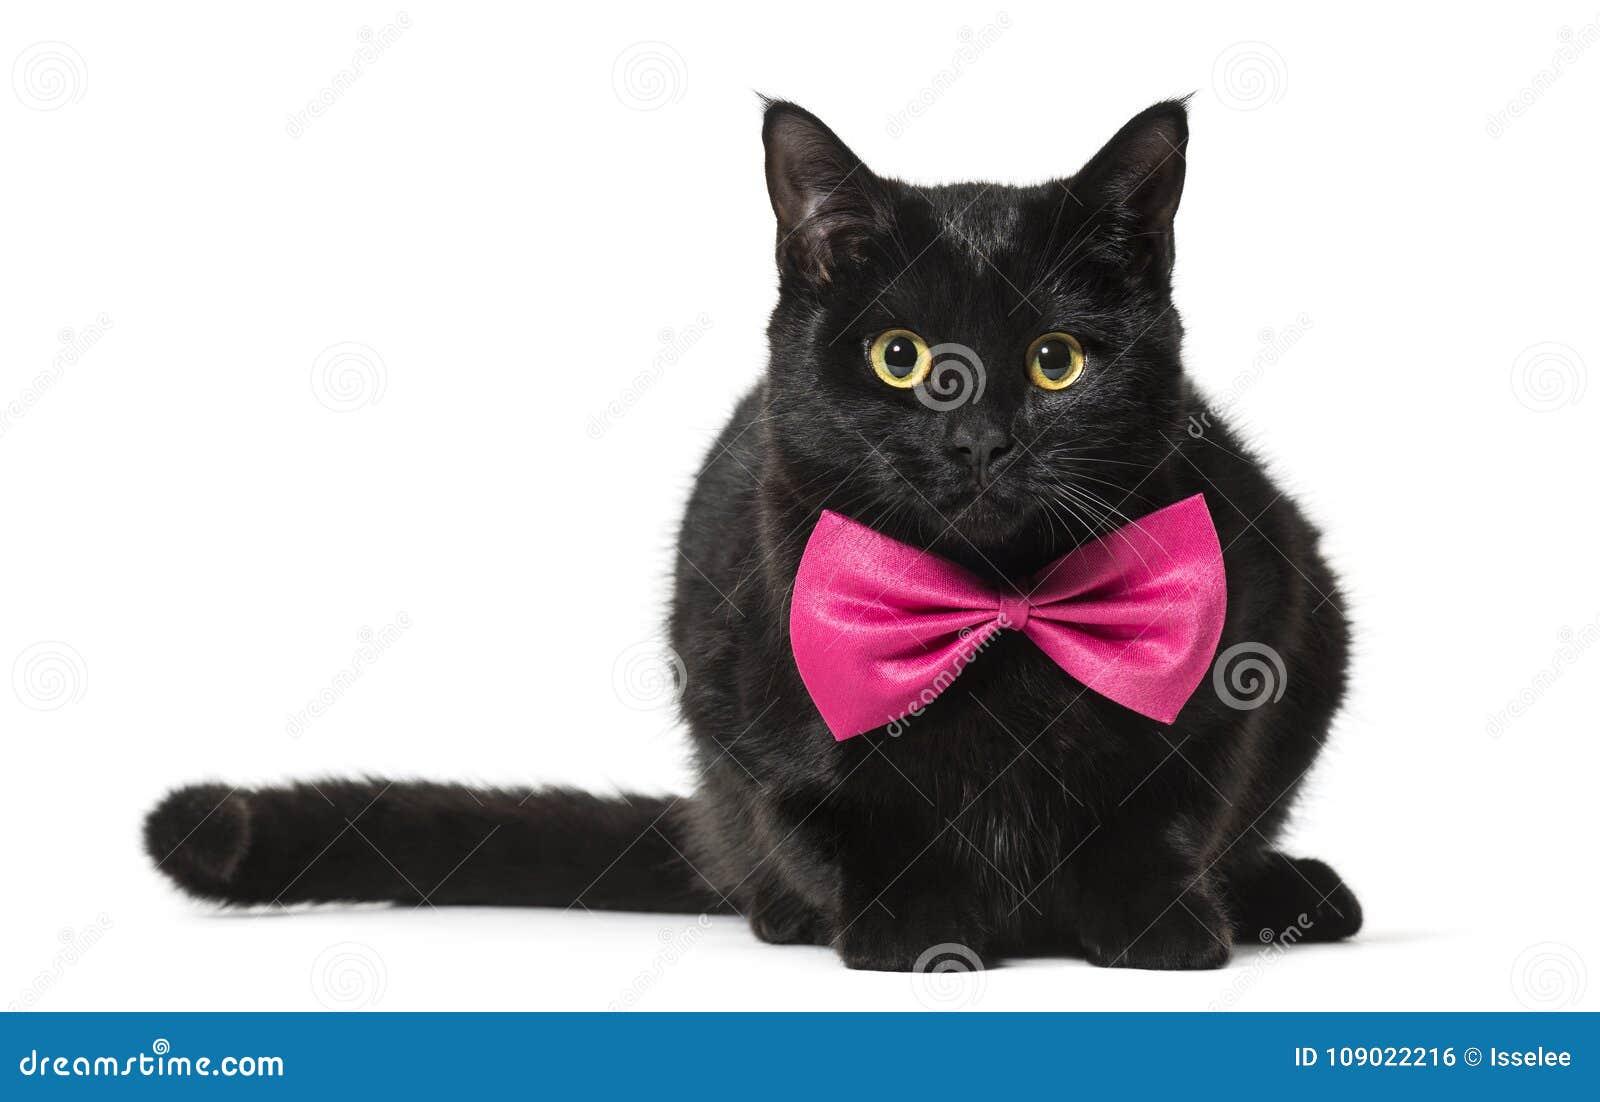 Gato de la Mezclado-raza en corbata de lazo rosada contra el fondo blanco